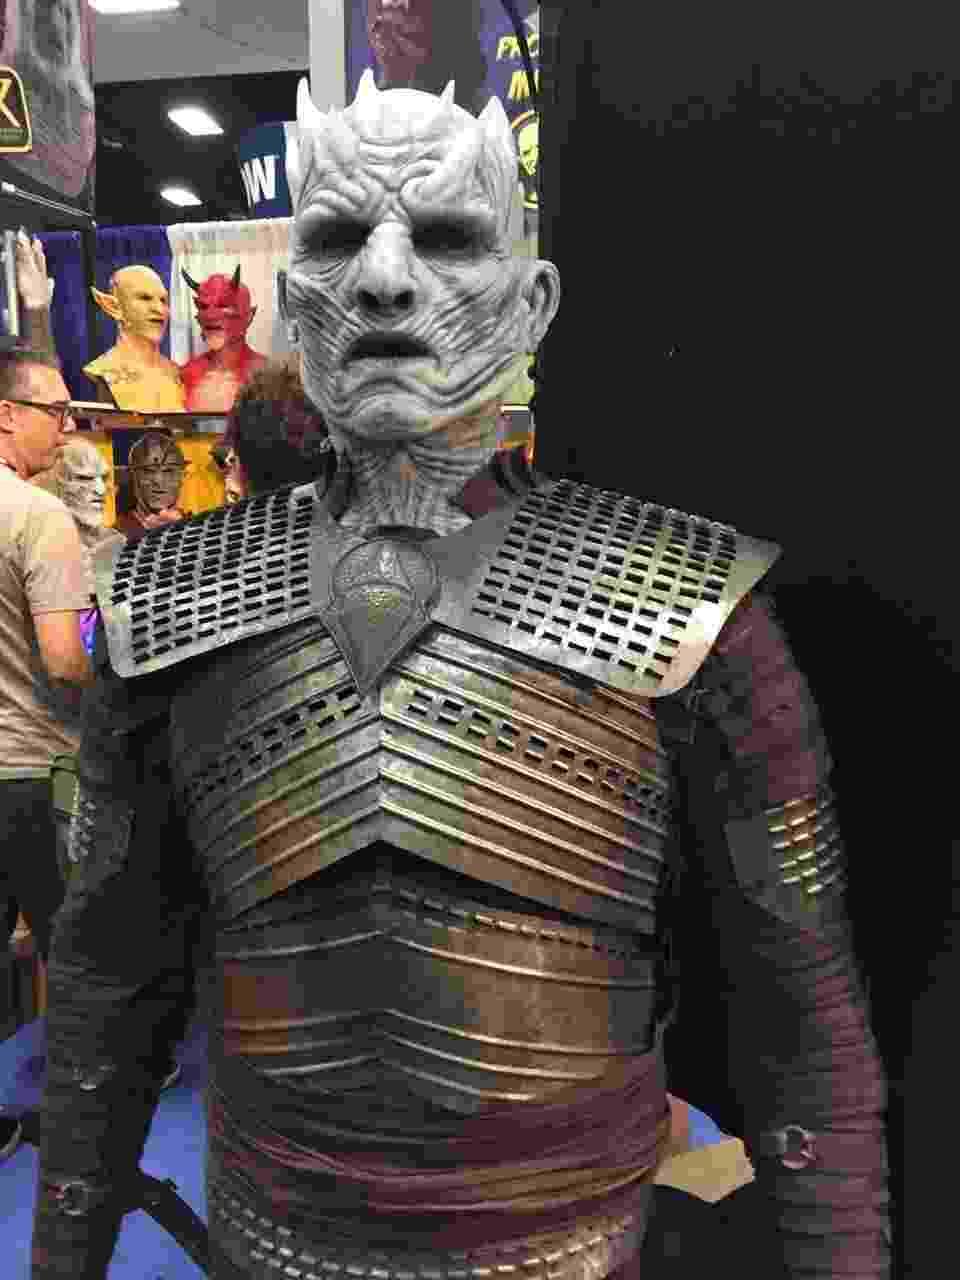 """20.jul.2016 - O grande vilão da série """"Game of Thrones"""" marcou presença na San Diego Comic-Con. Uma estátua do Rei da Noite, líder dos Caminhantes Brancos, está em exibição no evento - Felipe Branco Cruz/UOL"""